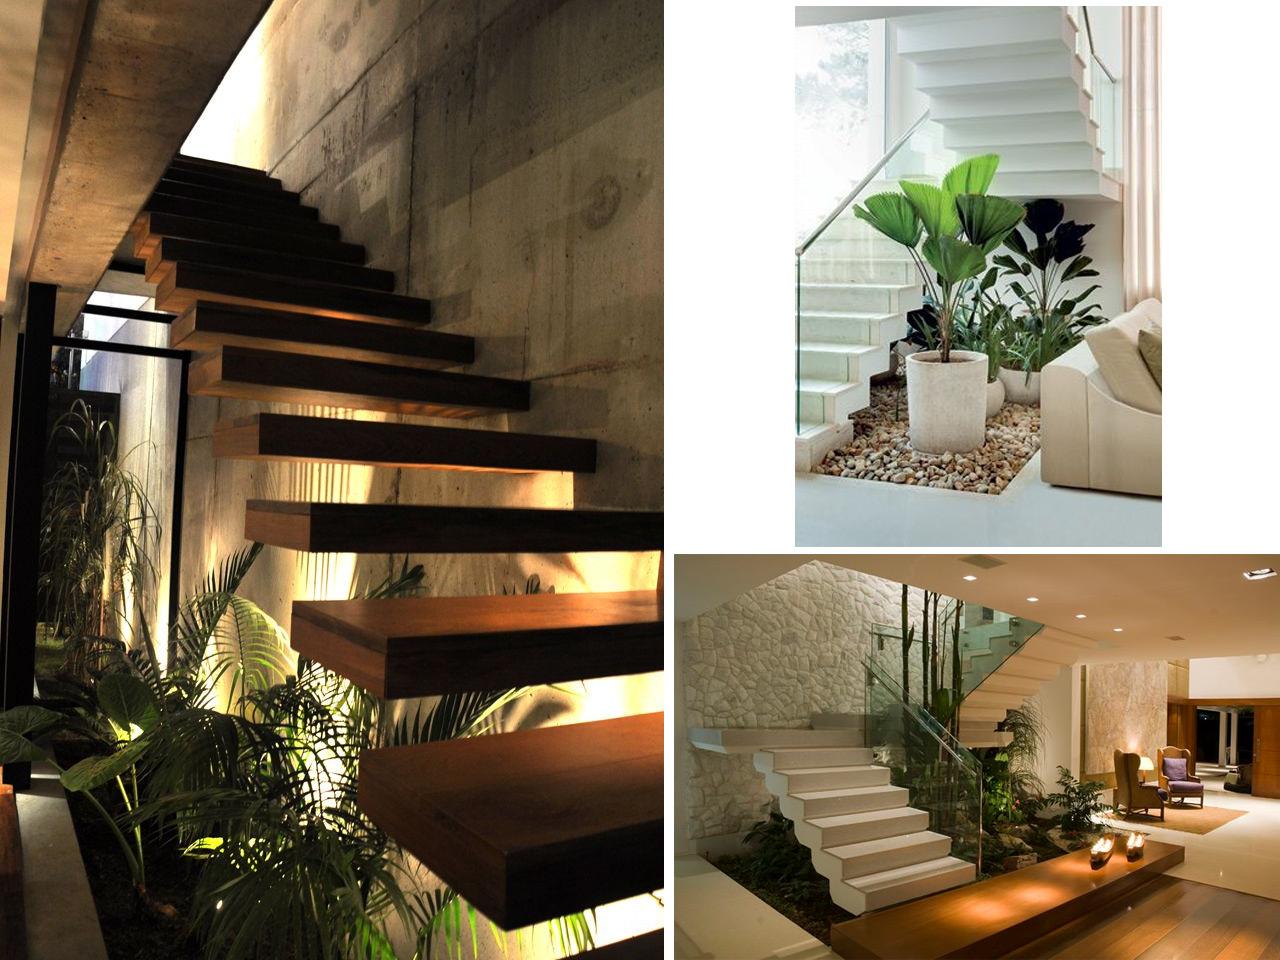 Tus 7 inspiraciones de decoraci n de terrazas interiores - Decoracion escaleras de interior ...